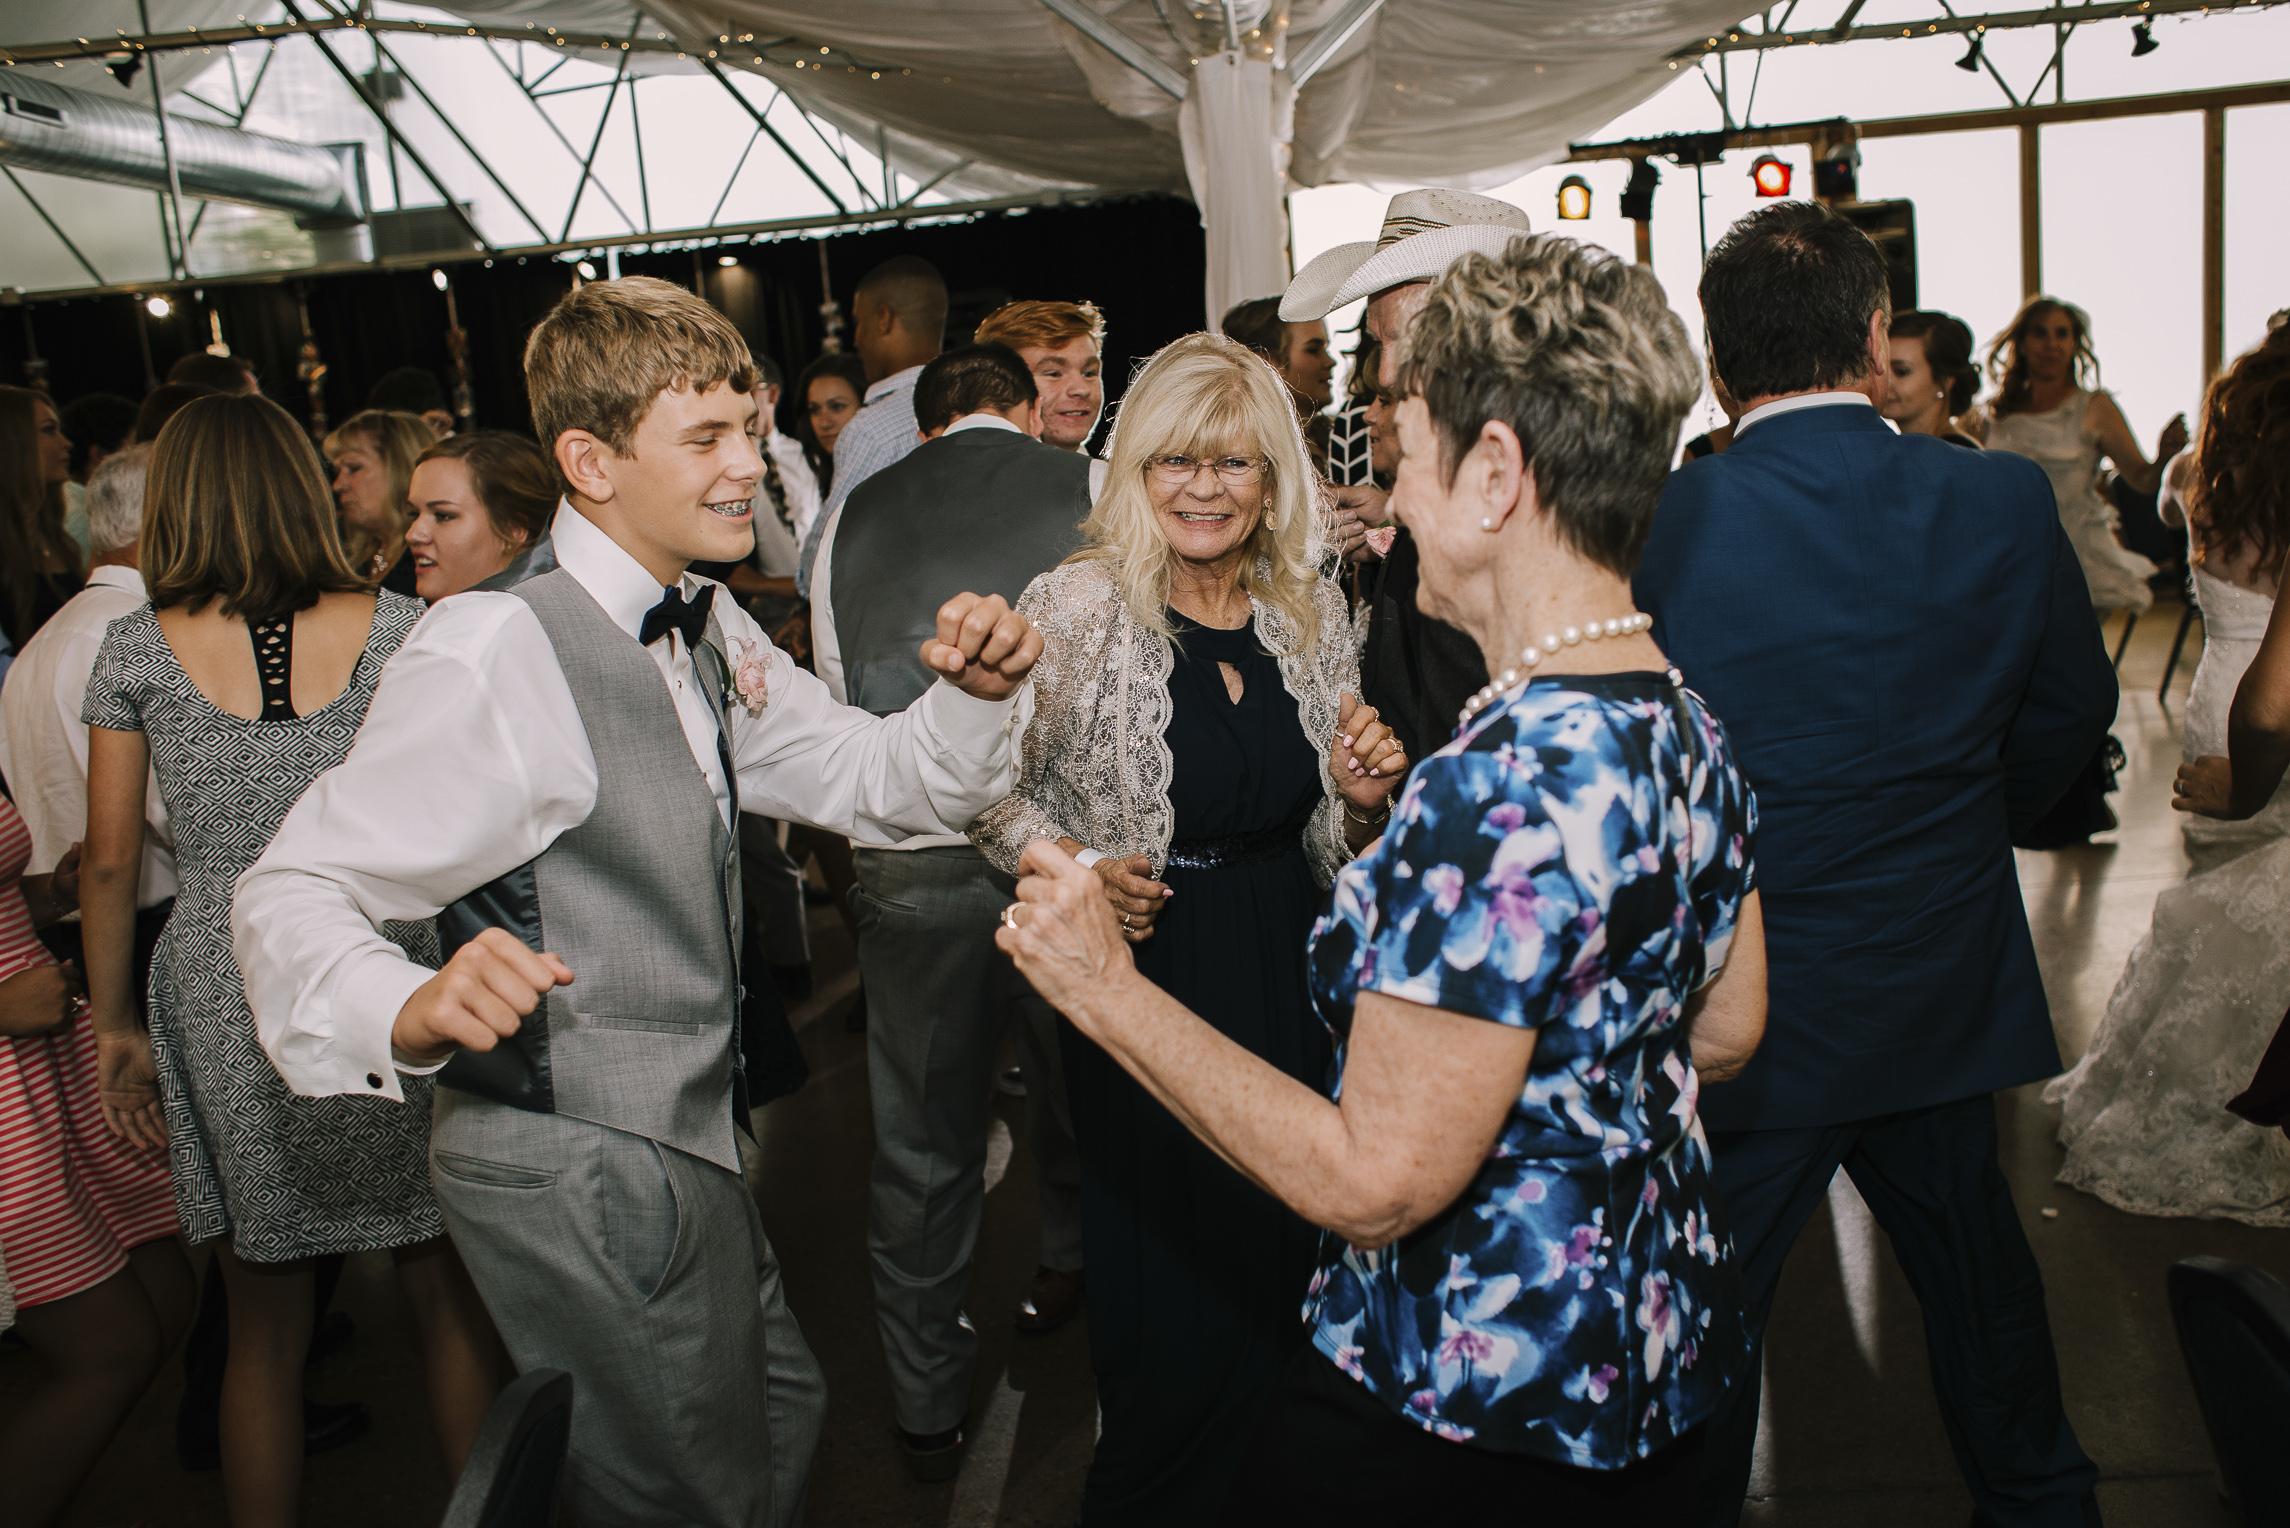 web sized images -- no to print --CALVIN & MCKYLEY WEDDING PHOTOS - COLORADO PHOTOGRAPHER - DEBI RAE PHOTOGRAPHY-1996.jpg